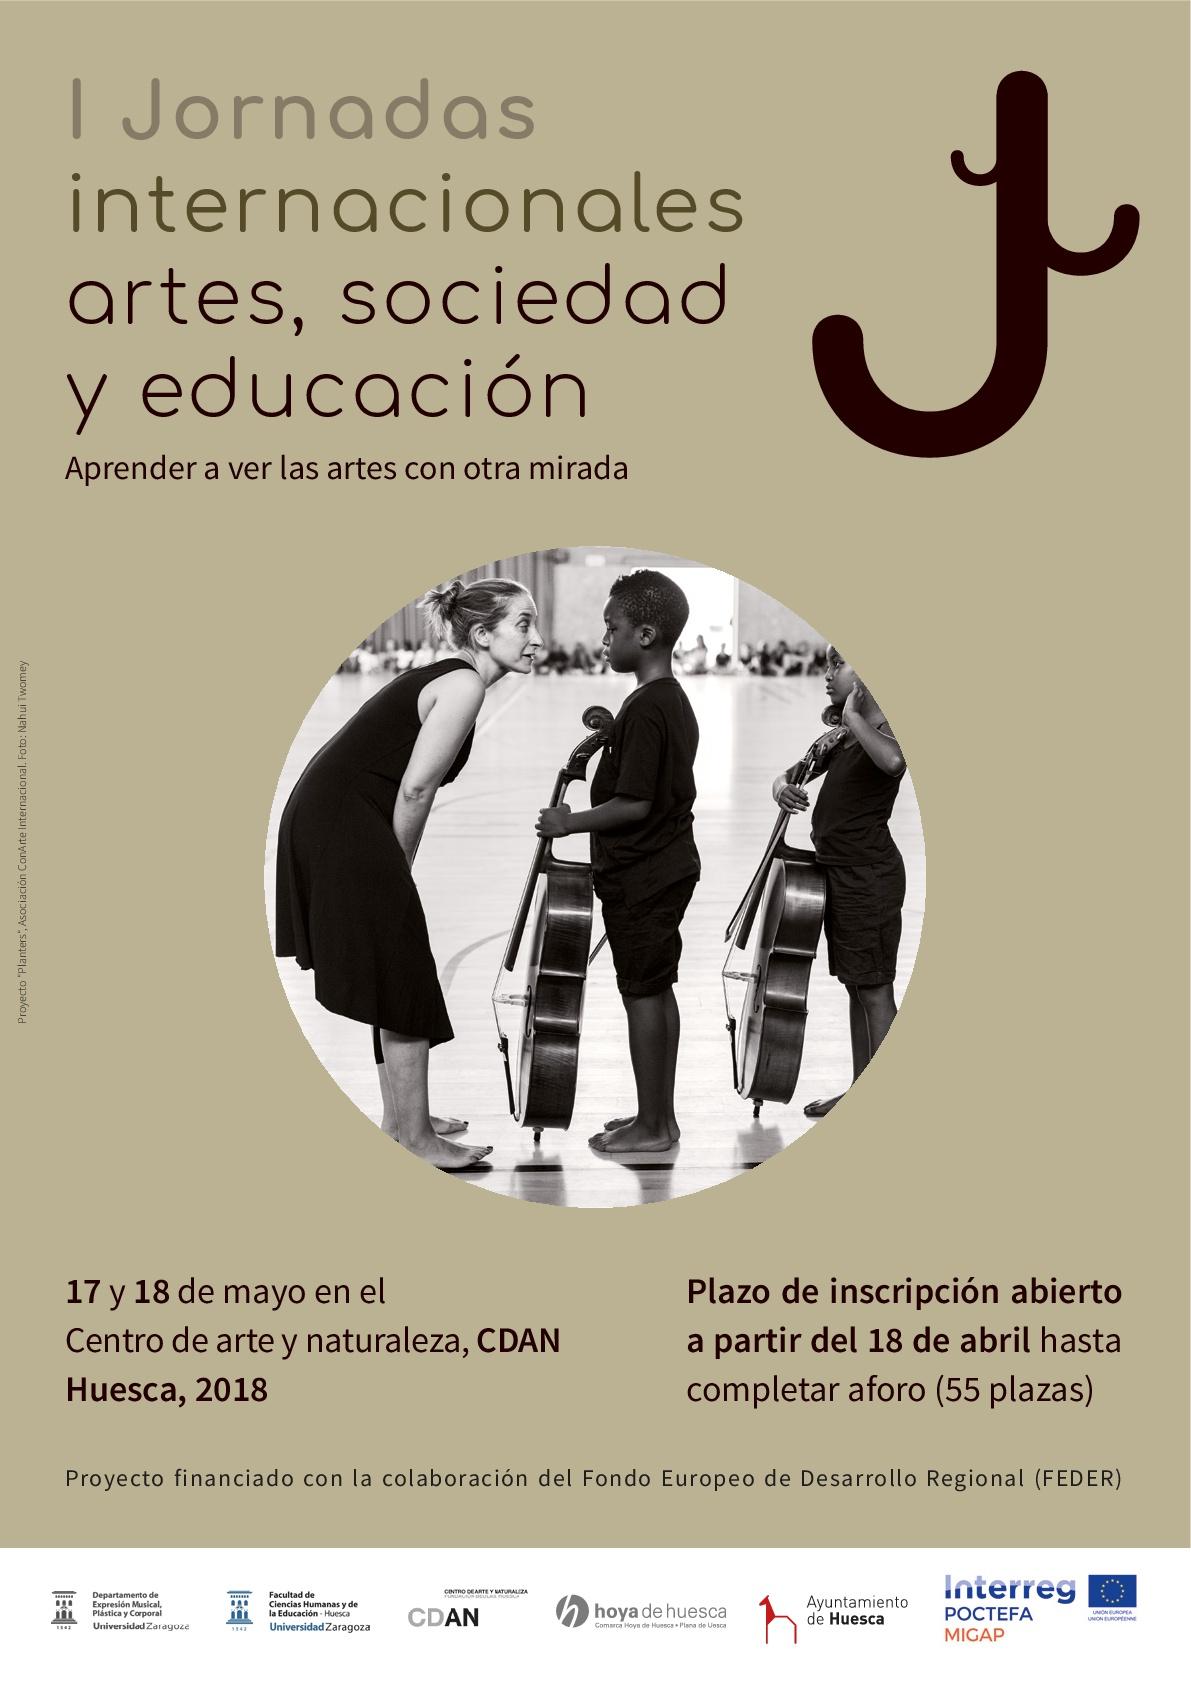 I-Jornadas-internacionales-artes-sociedad-y-educacion-Huesca-2018-001